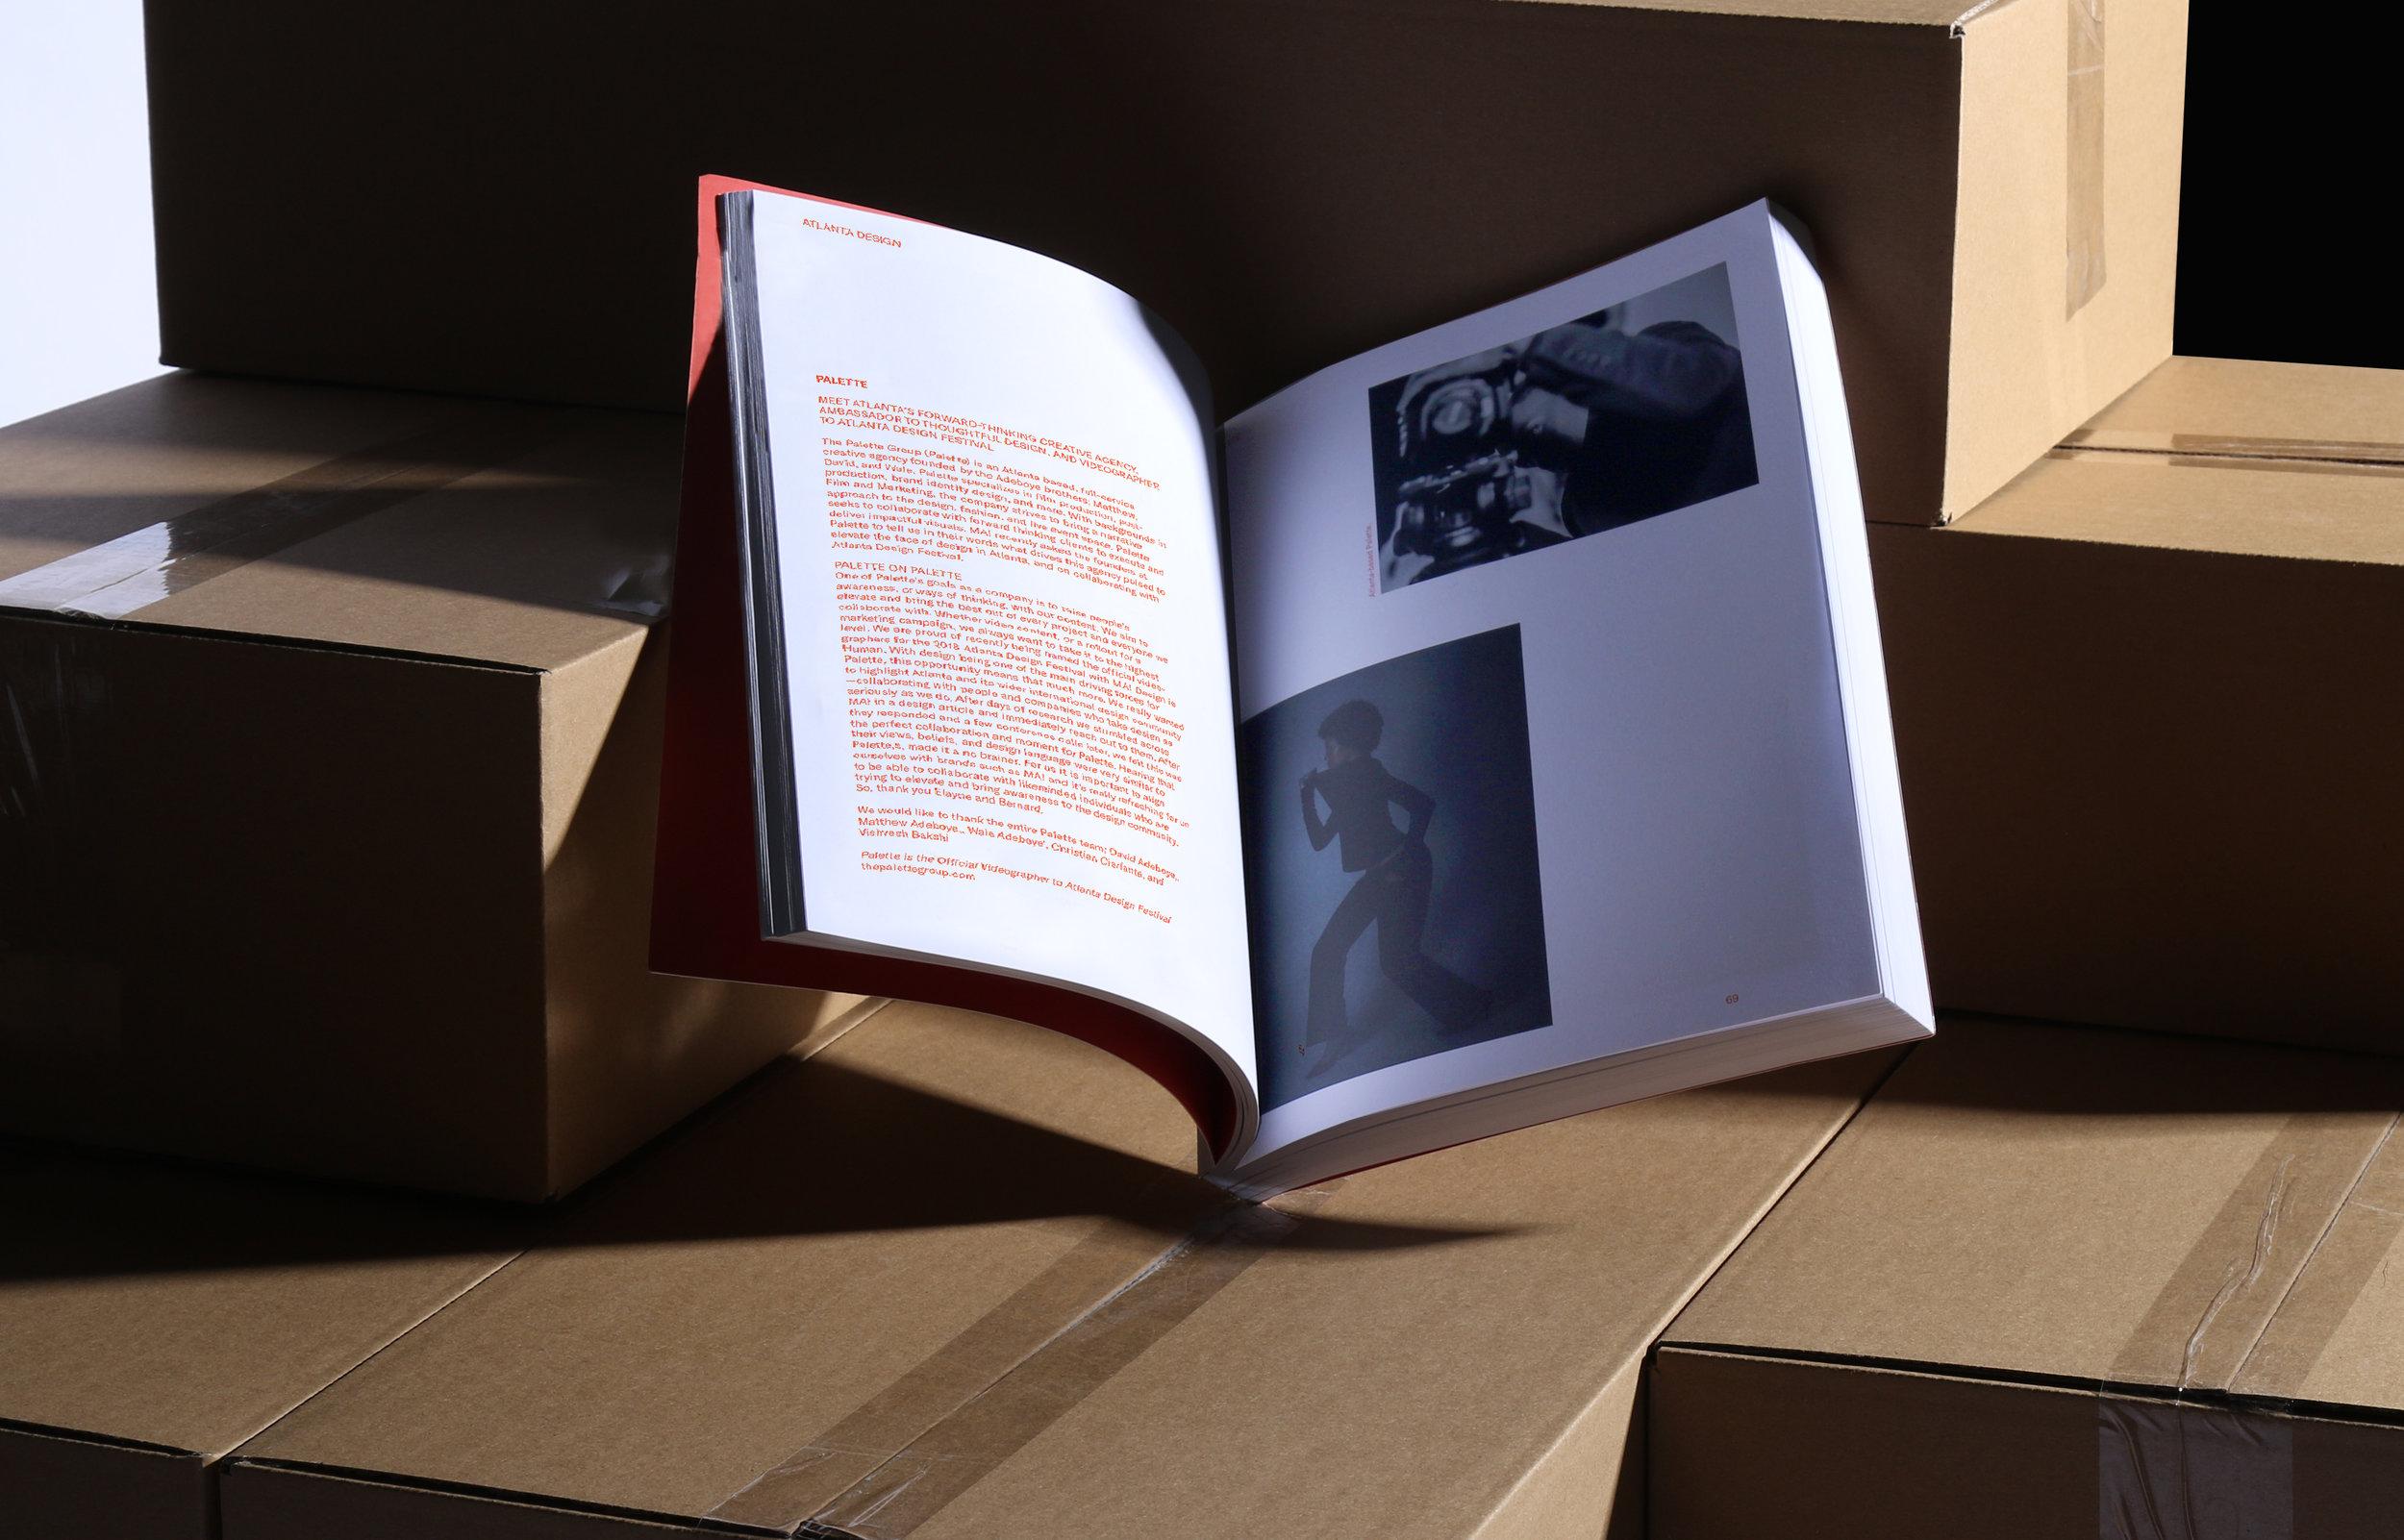 Studio-Verena-Hennig-Atlanta-Design-Festival-Book-2018-4.jpg